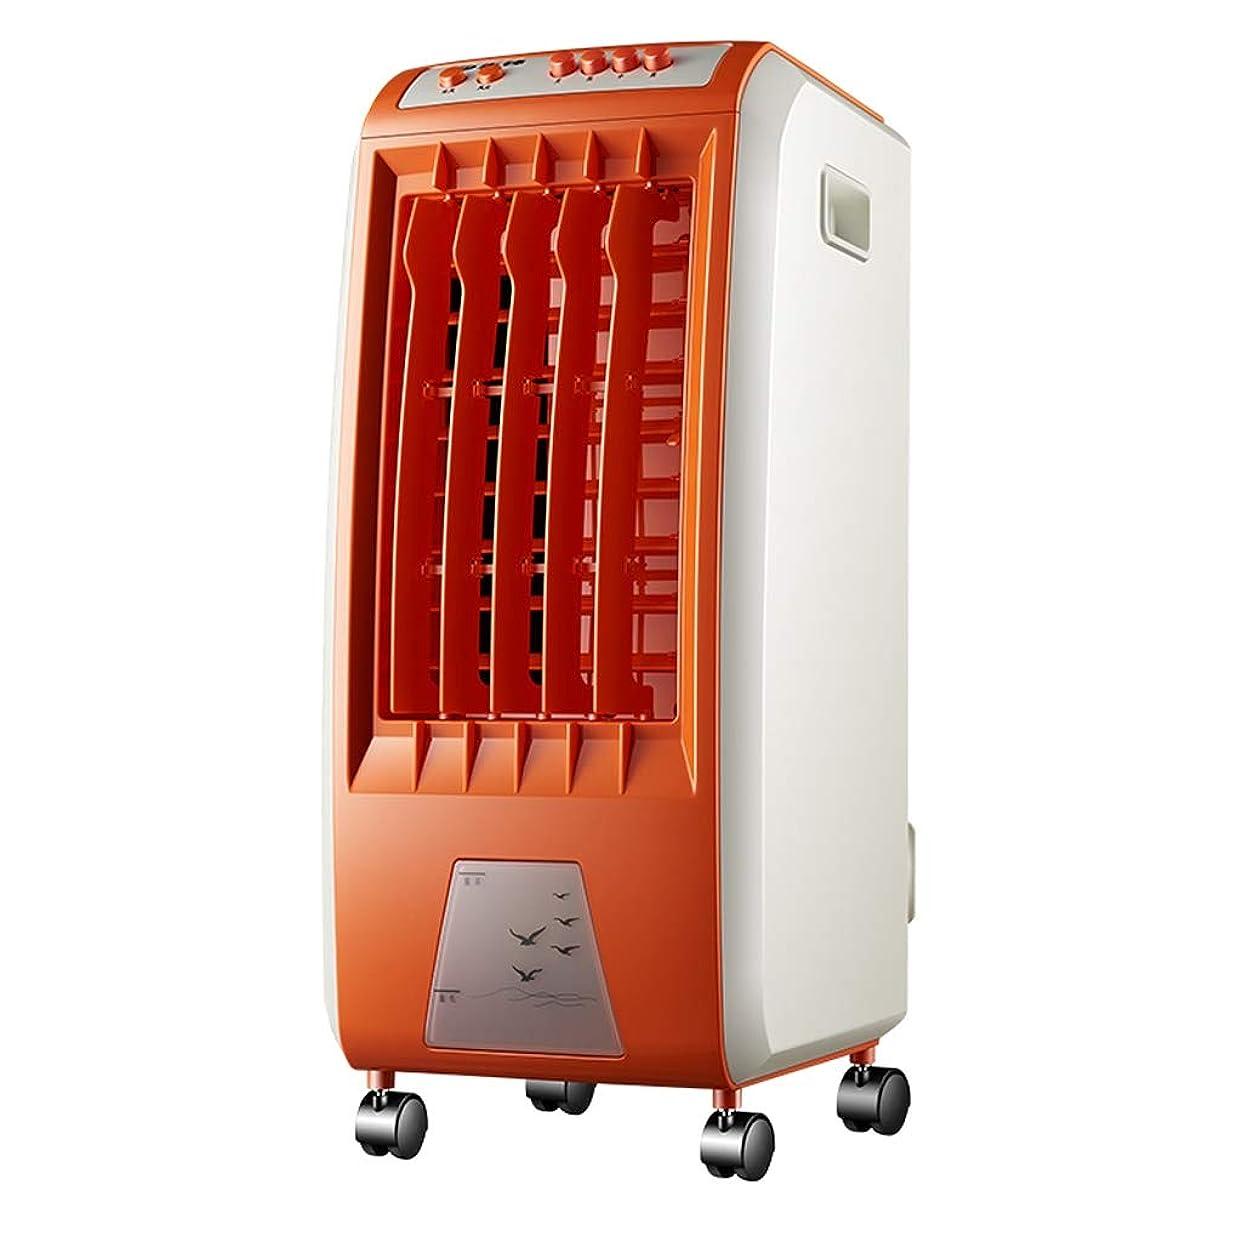 抑圧者スペア深く単一の冷たい空調ファンのオレンジの機械的なバージョン、省エネの静かな可動式の水冷却ファン